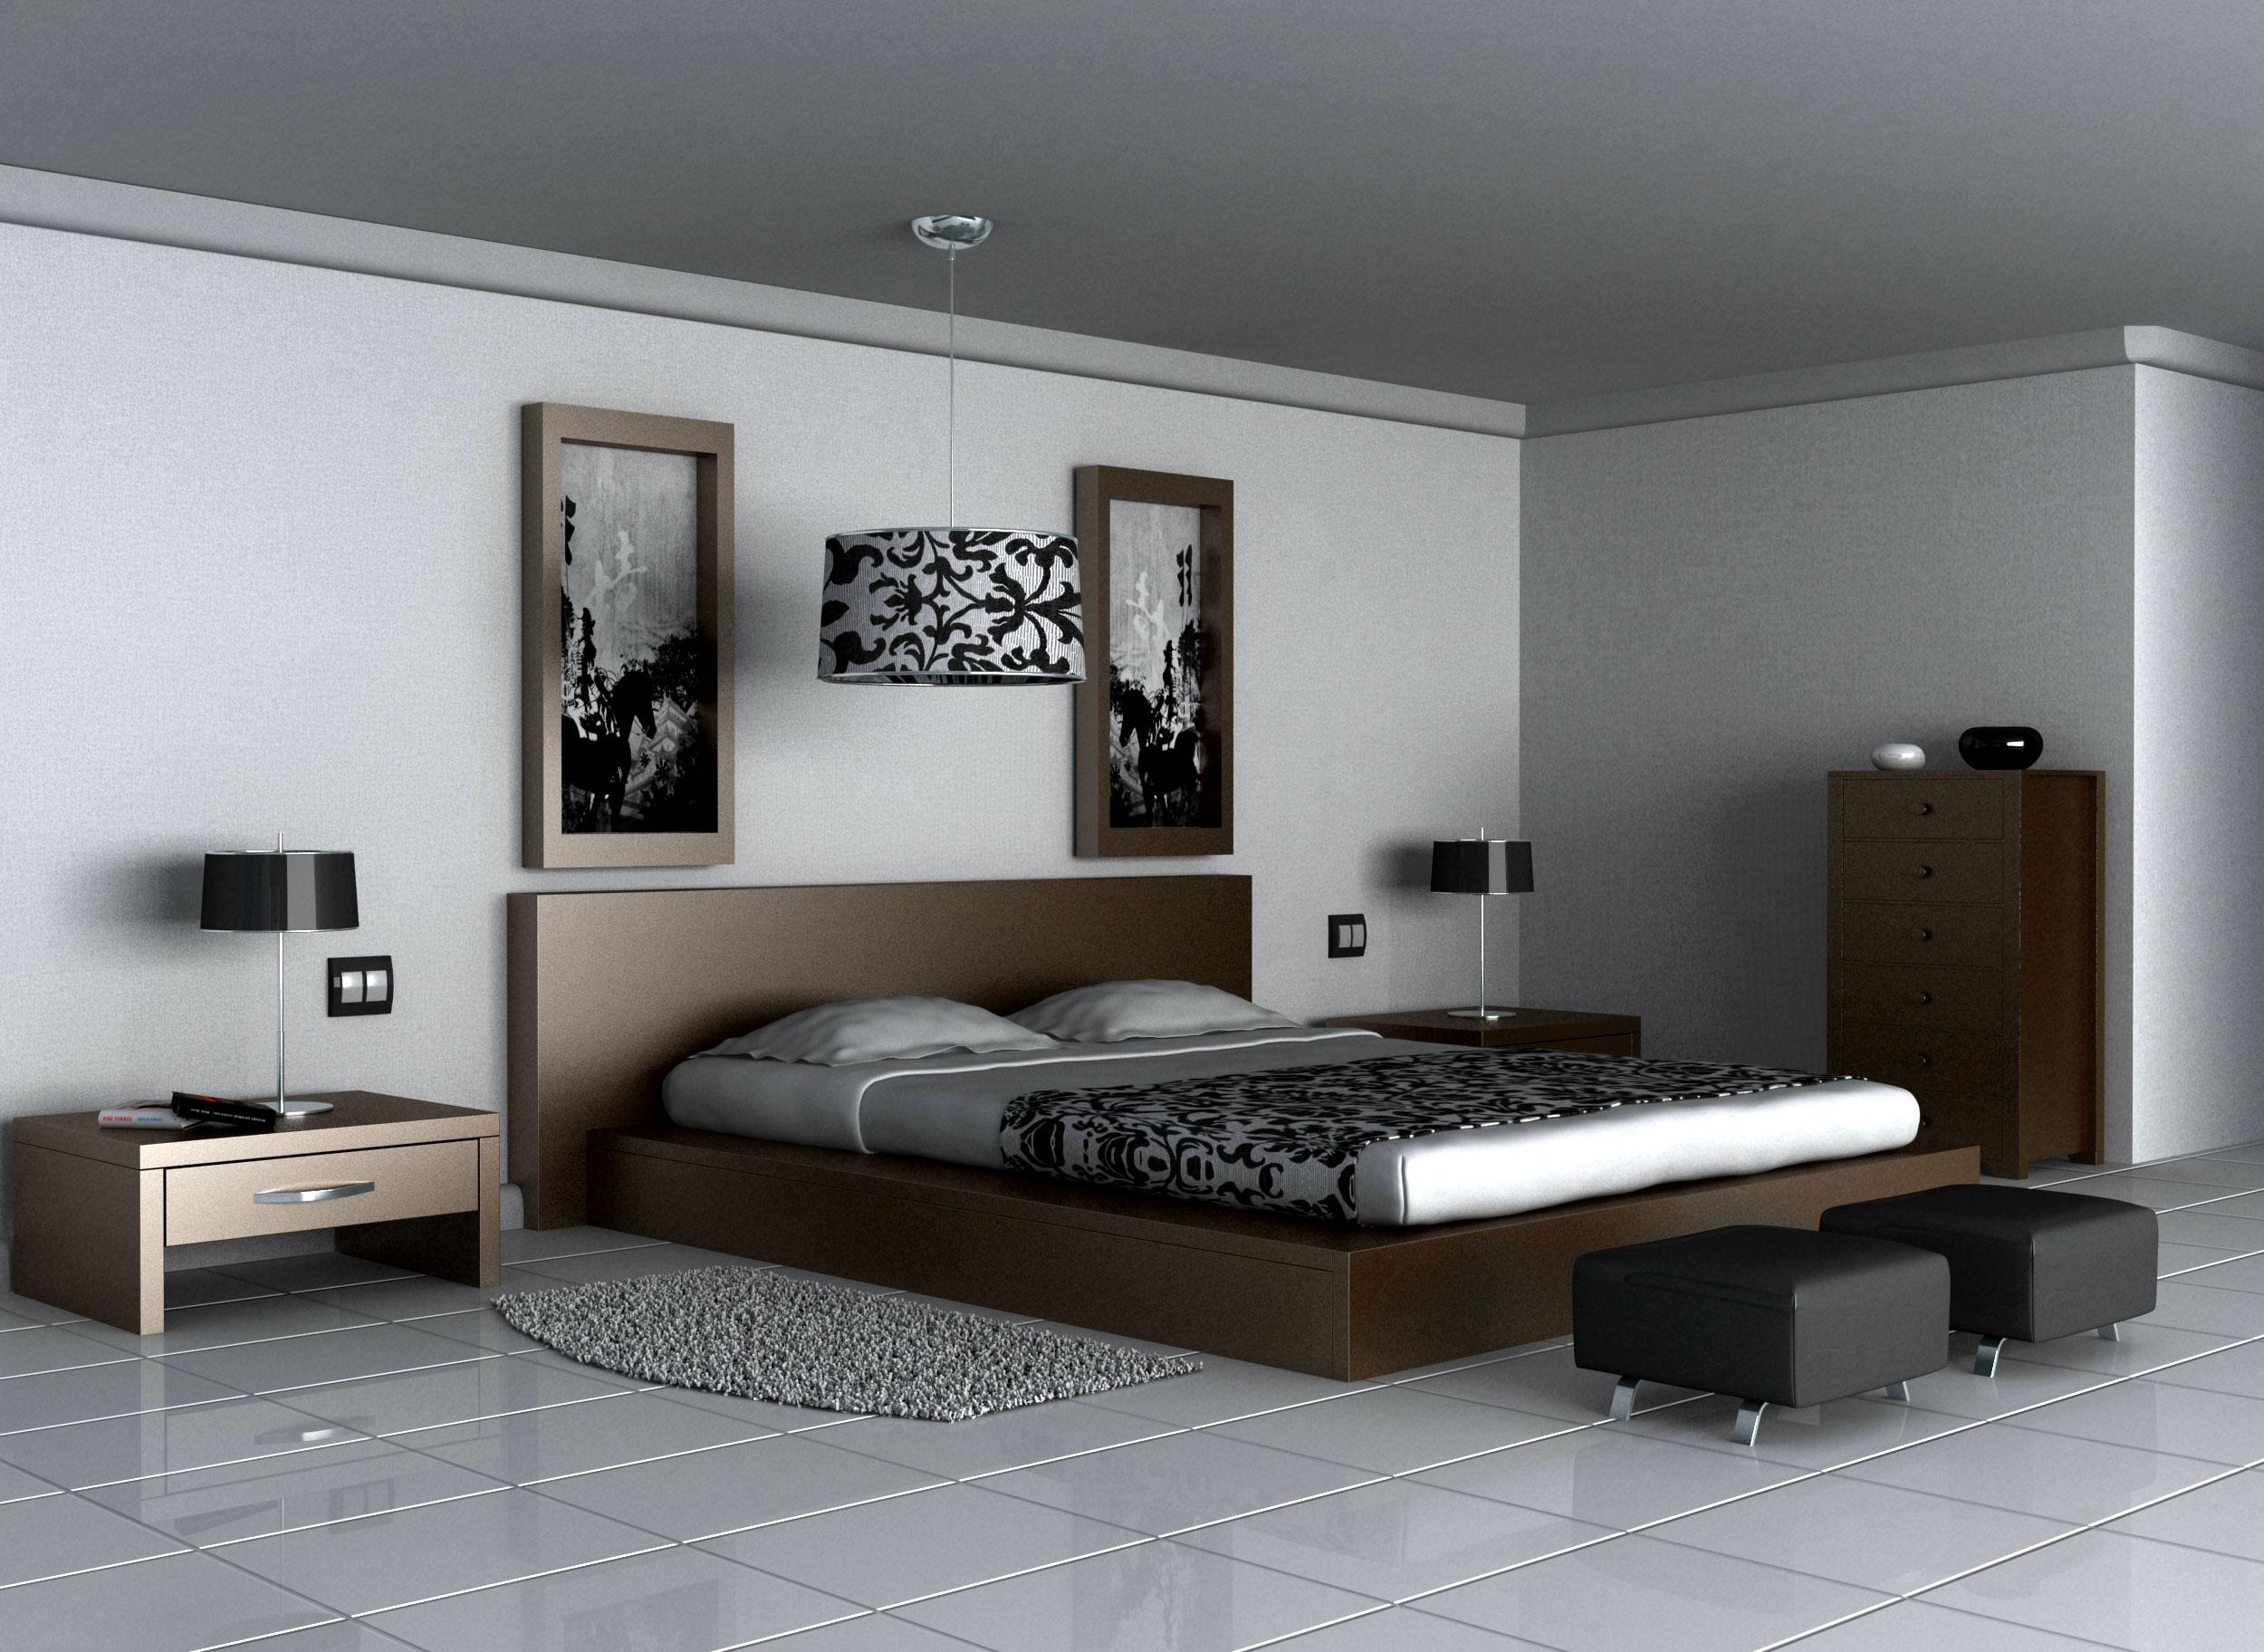 Dormitorio interior - Ideas en decoracion de interiores ...